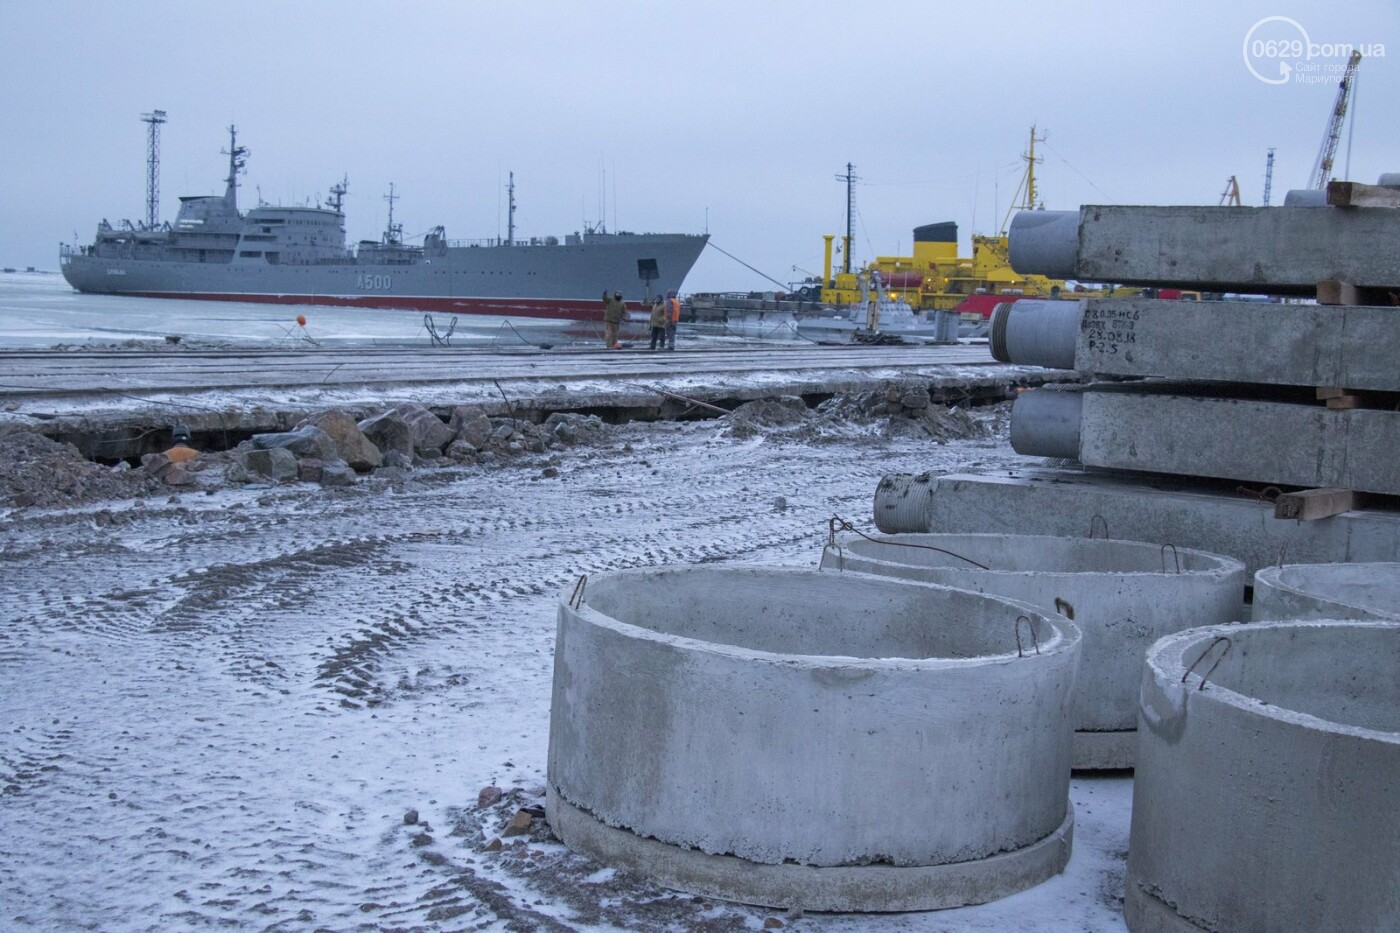 Из-за строительства Керченского моста и незаконной блокады порт Мариуполя потерял 6 миллиардов гривен, - ФОТО, фото-2